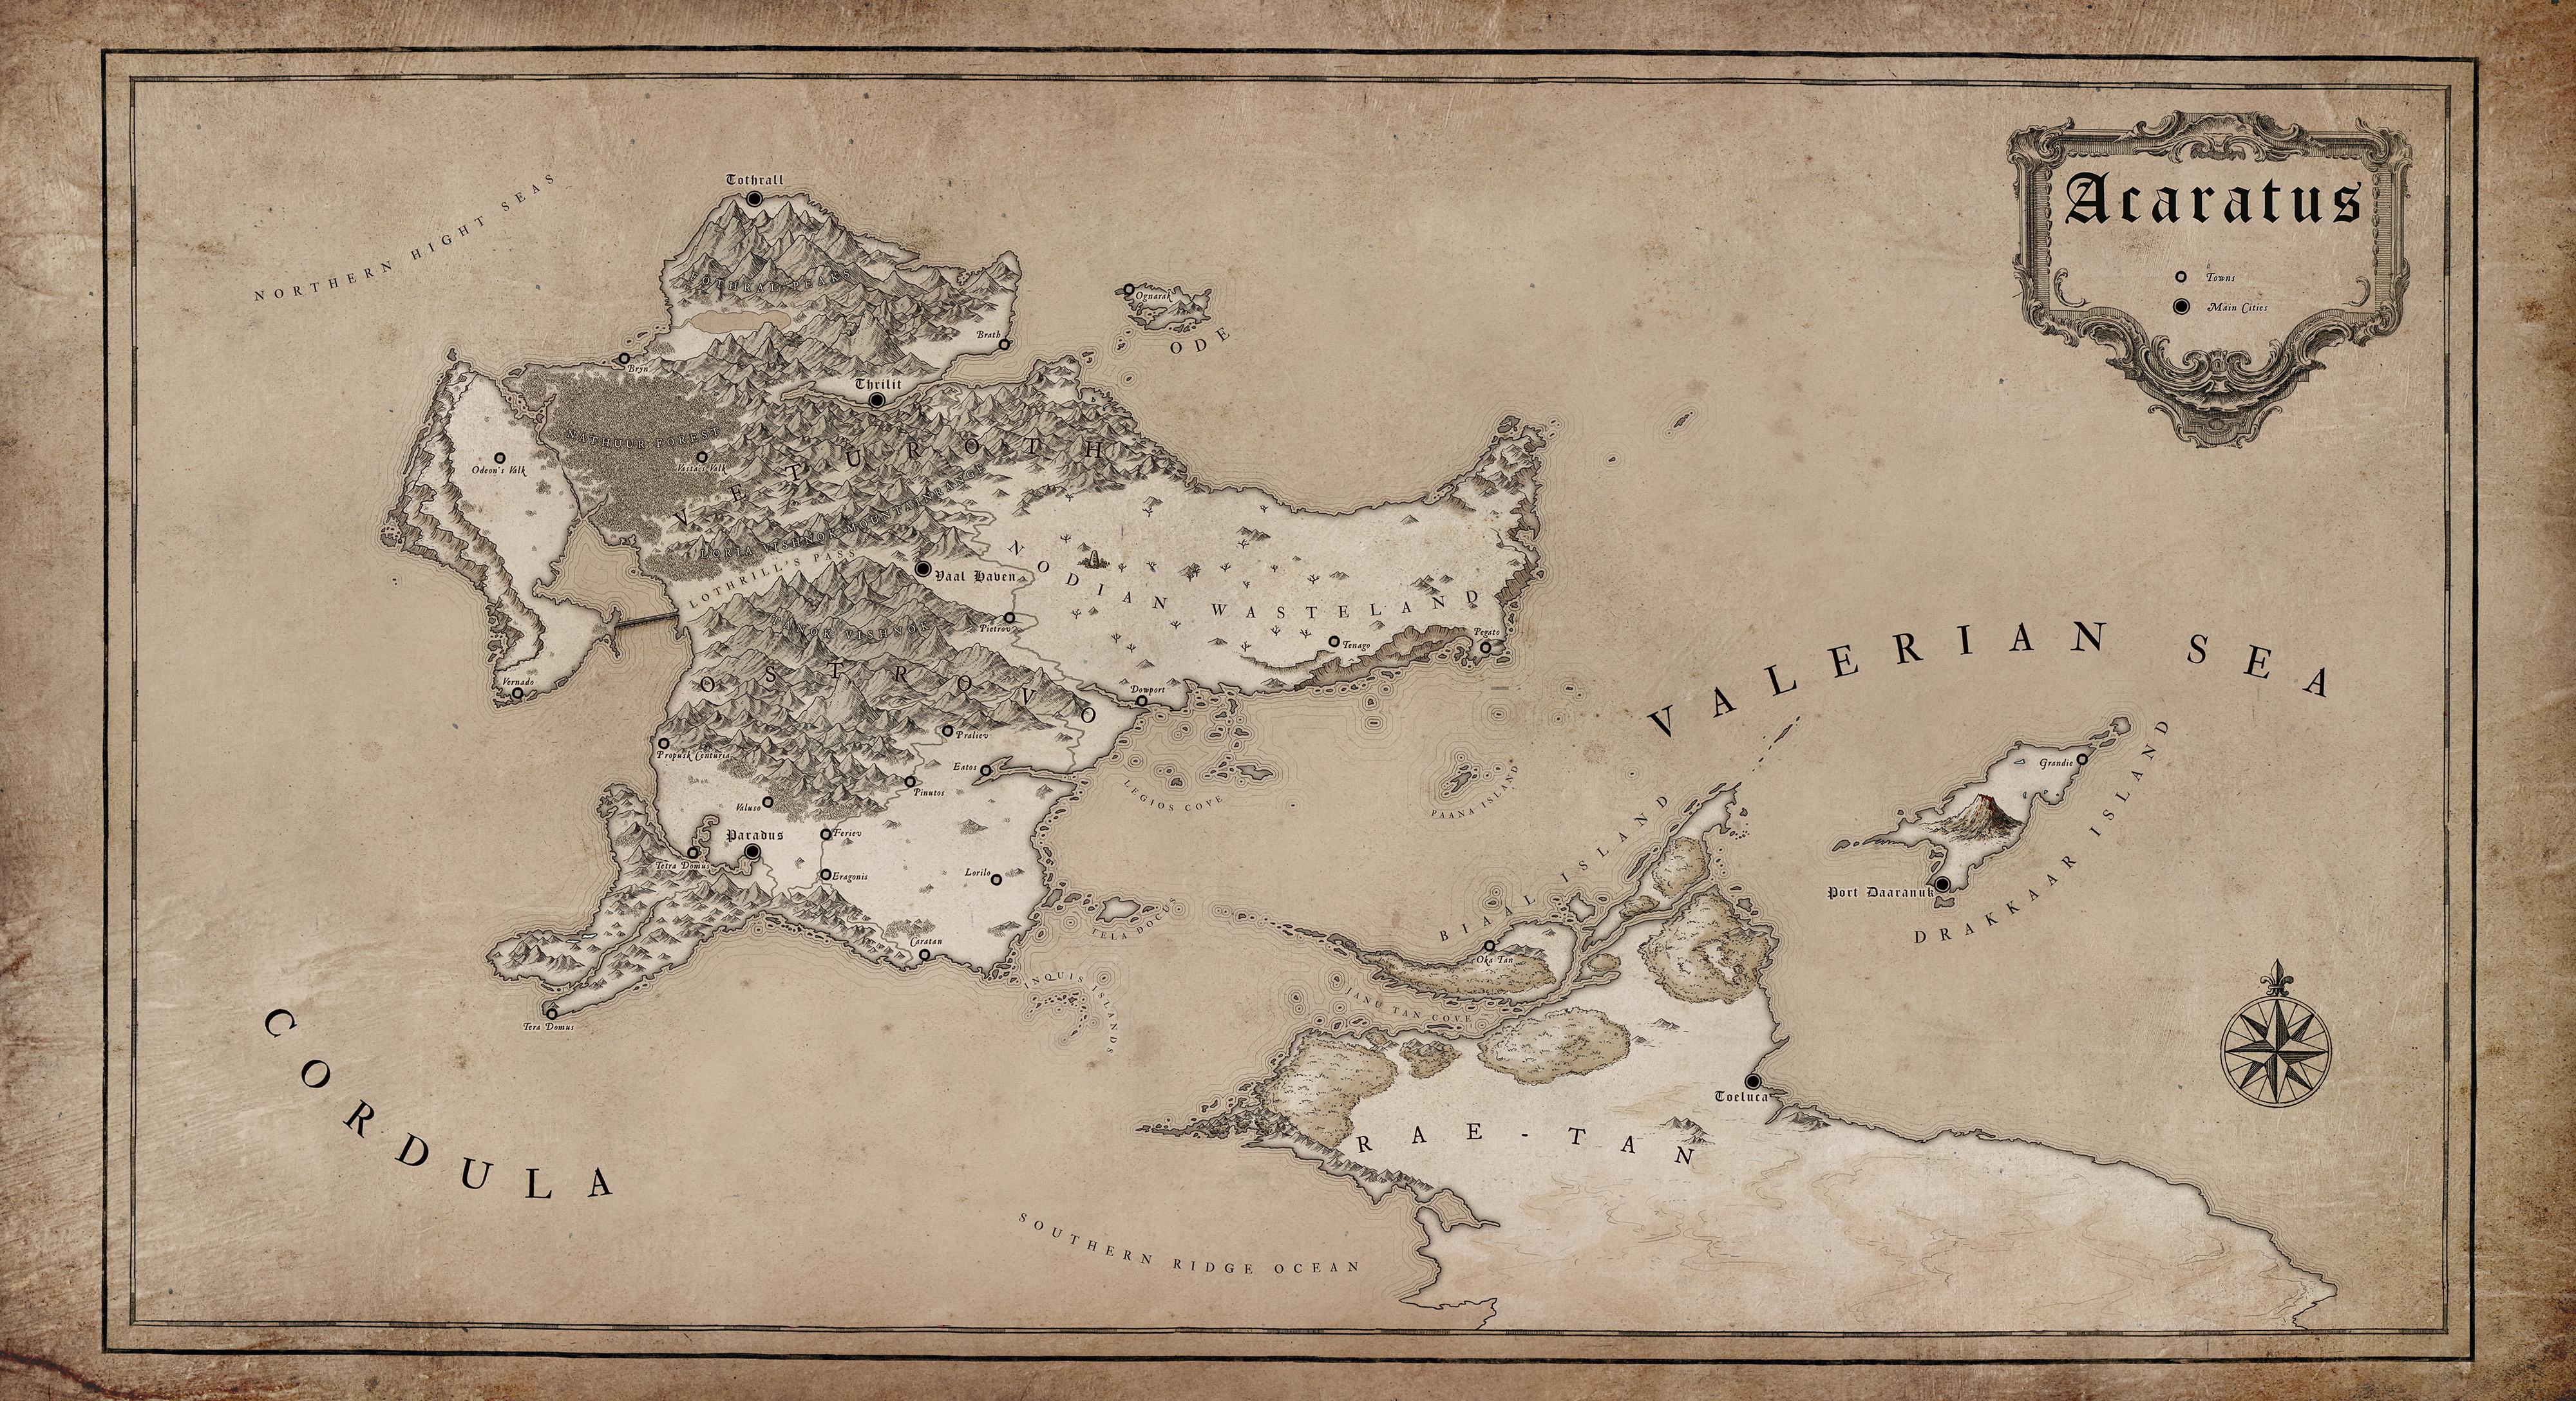 ACARATUS Gamemap